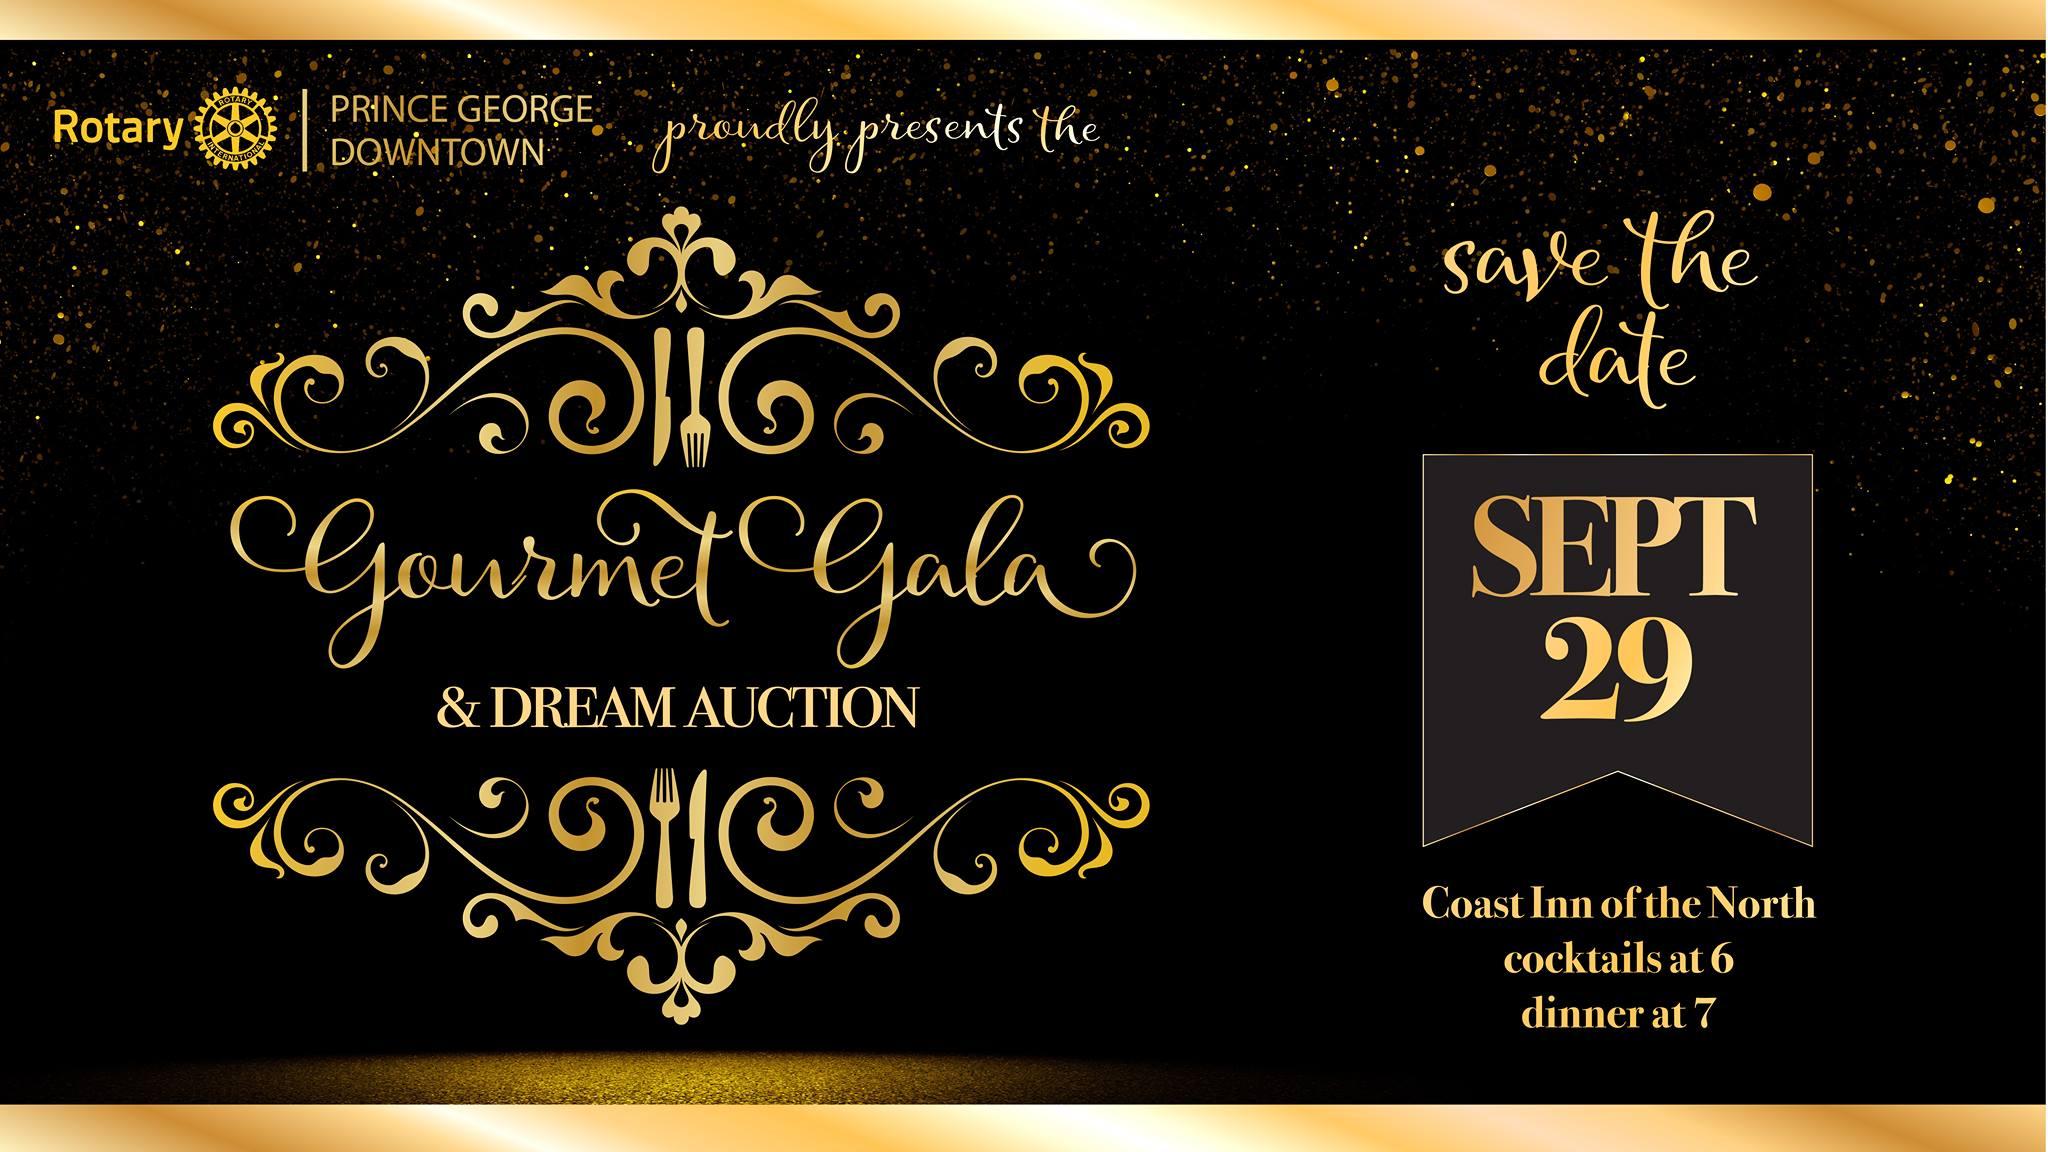 Gourmet Gala & Dream Auction